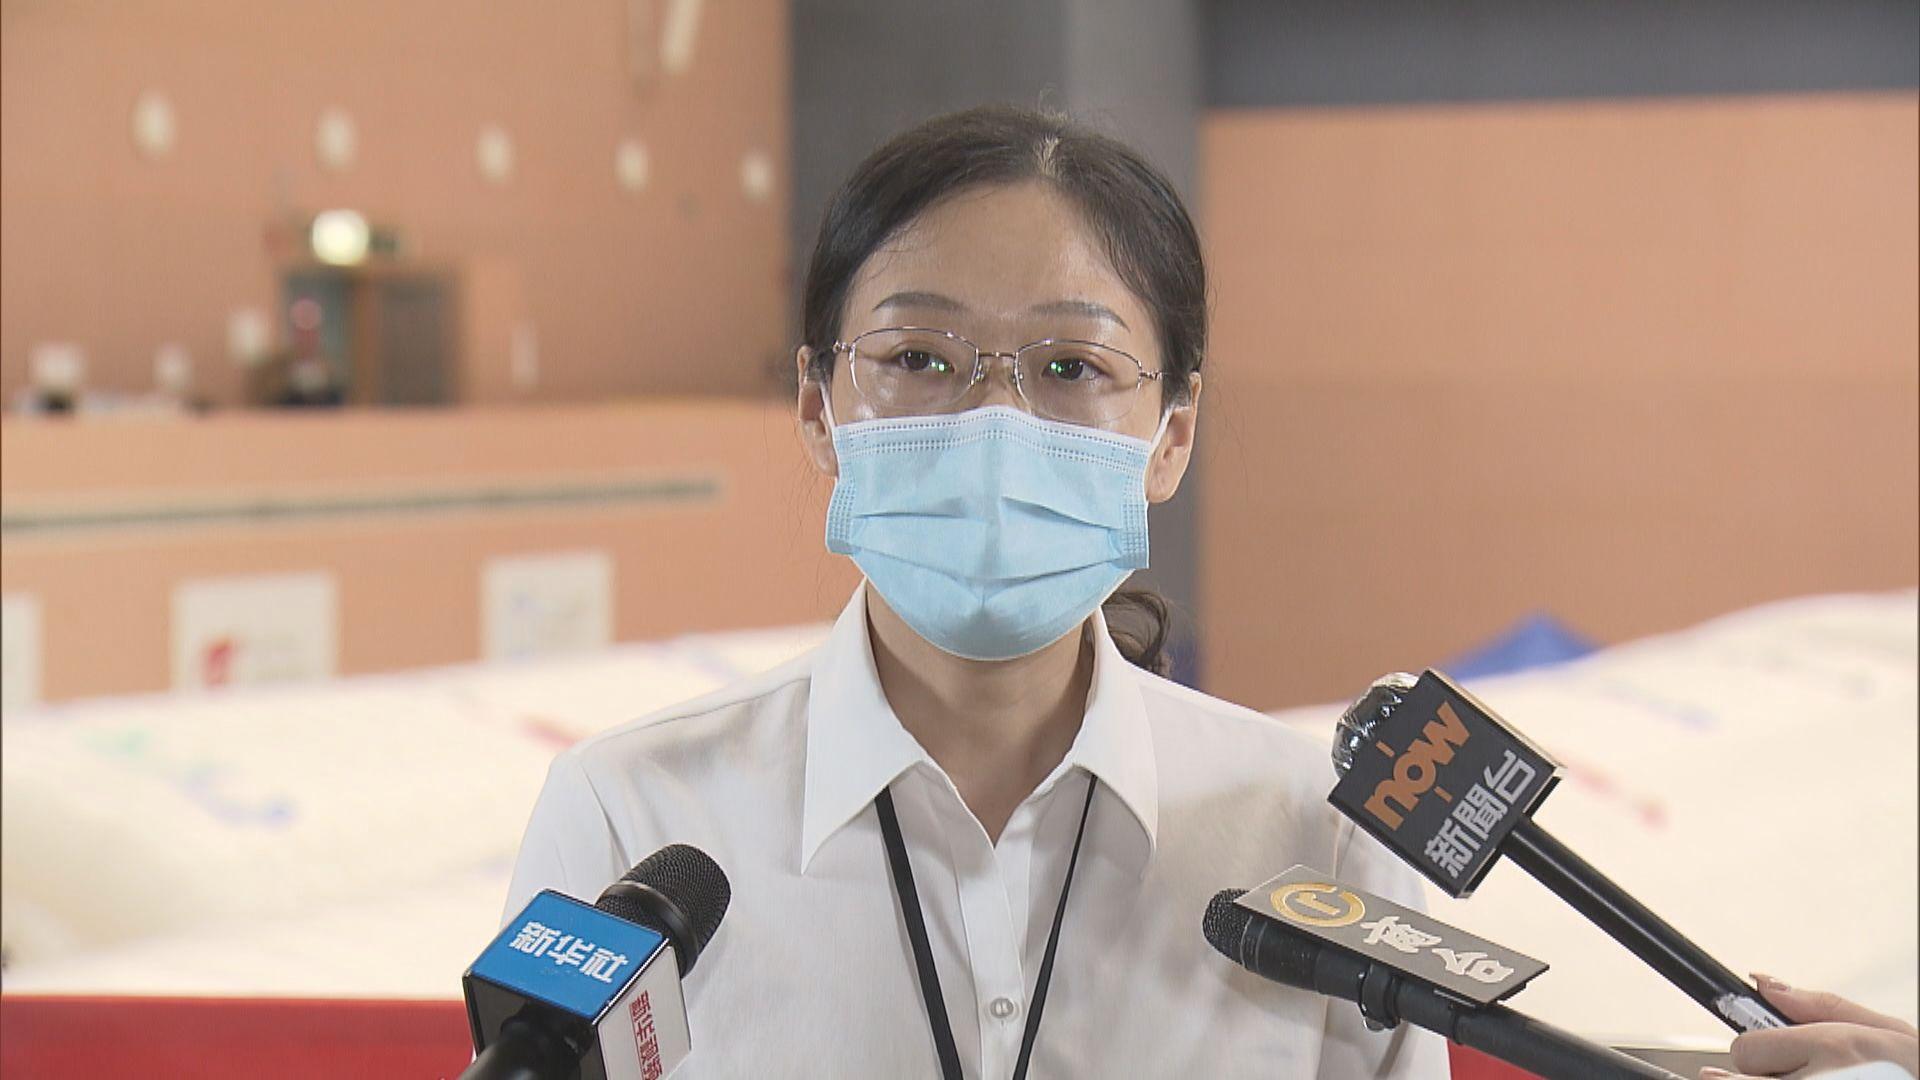 內地檢測隊員稱有成員為參與抗疫工作延遲婚期